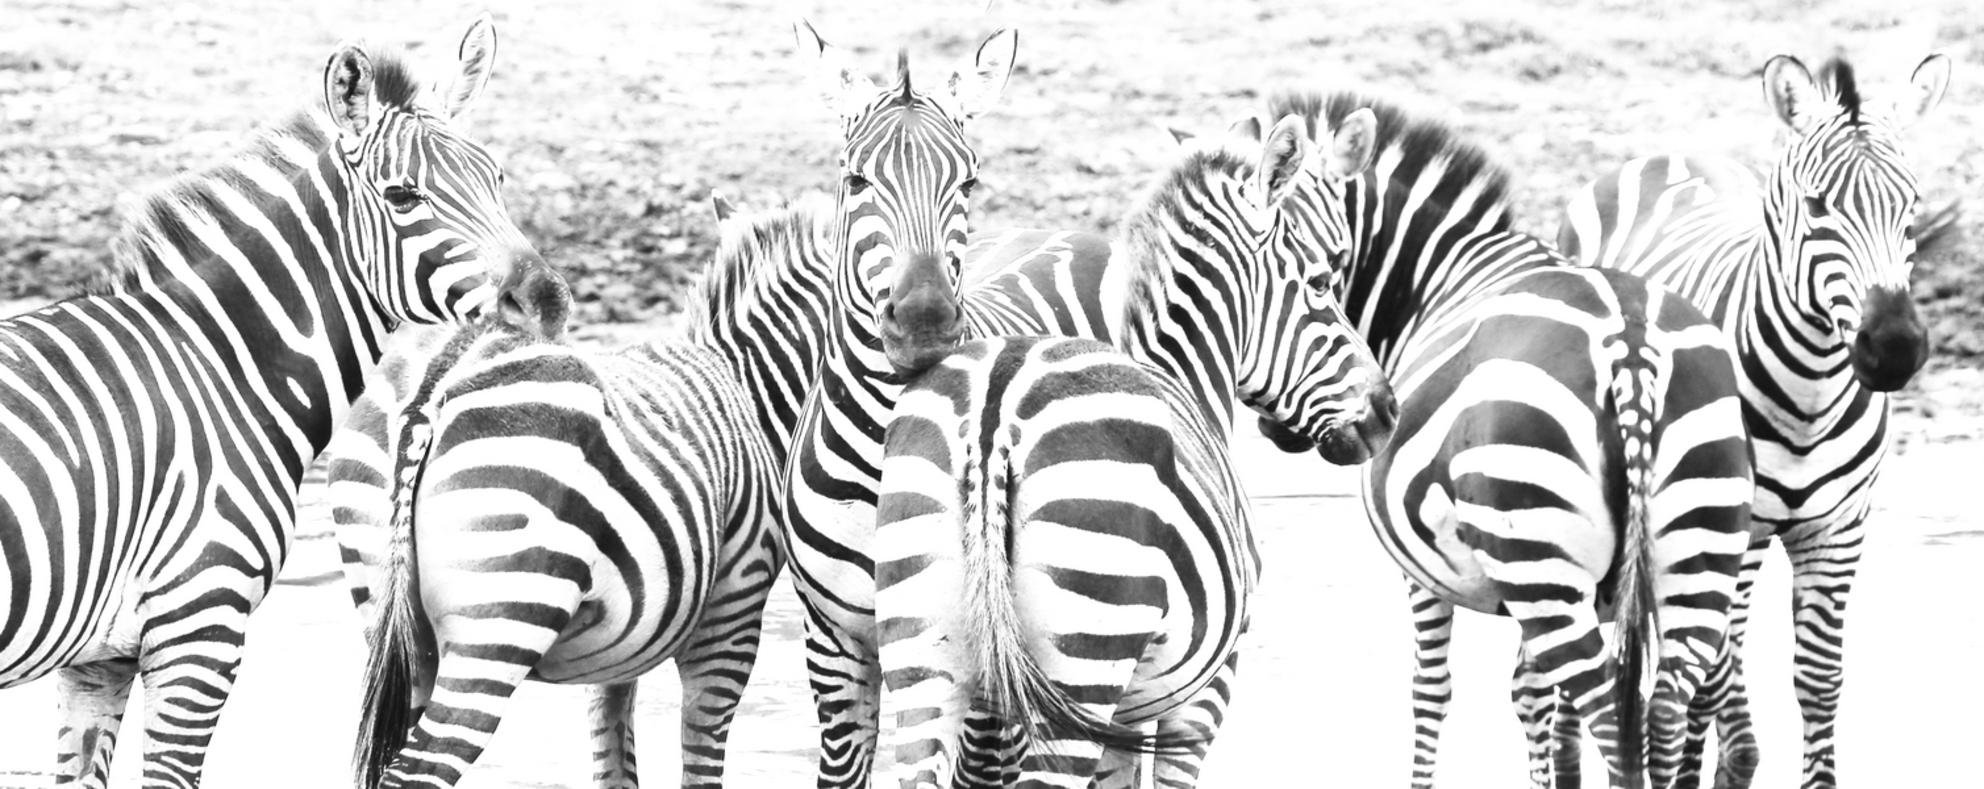 Striped - Zebra's - foto door aambrouwer op 20-08-2013 - Deze foto mag gebruikt worden in een Zoom.nl publicatie